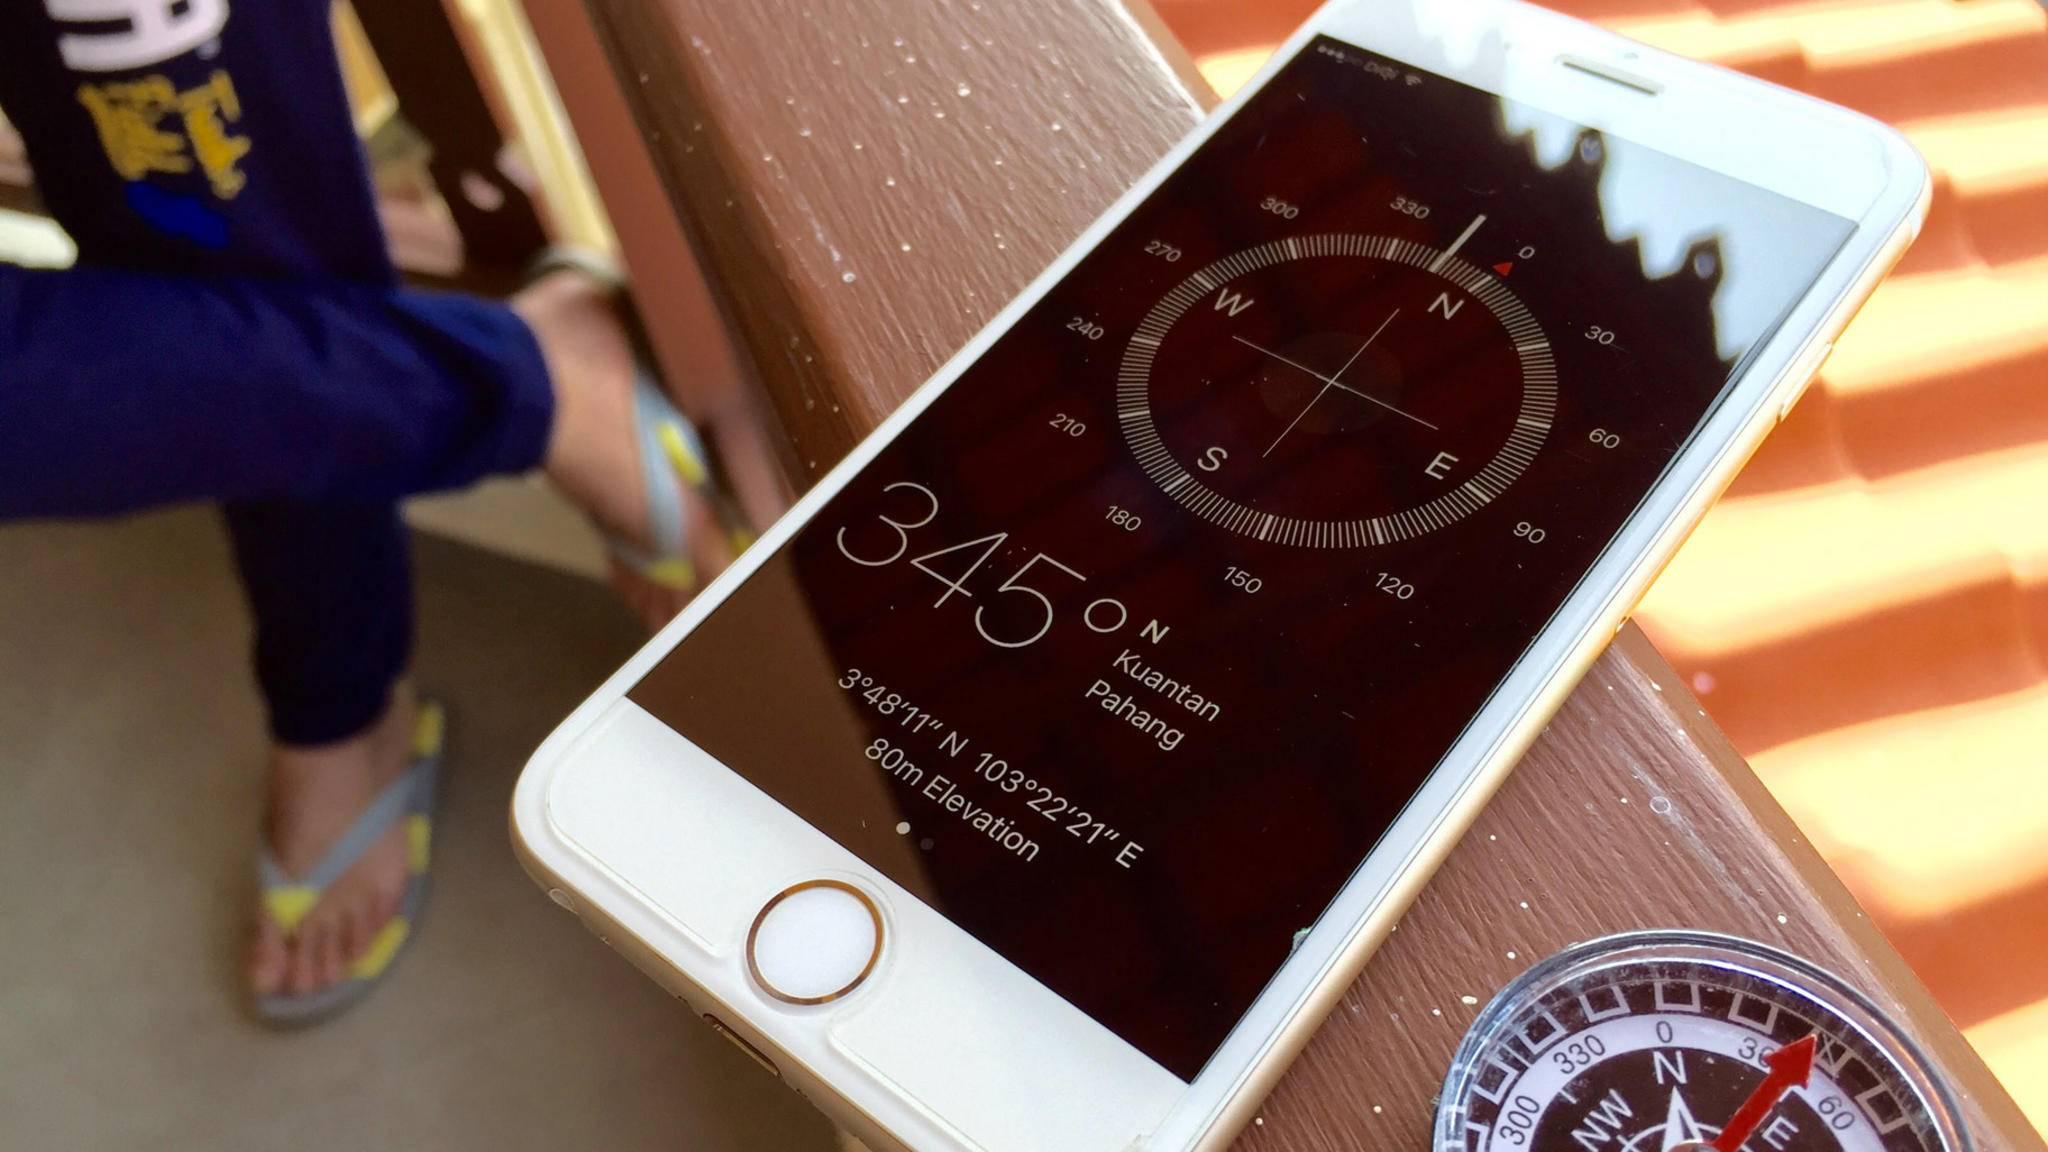 Damit der Kompass korrekt arbeiten kann, ist von Zeit zu Zeit ein Kalibrieren erforderlich.